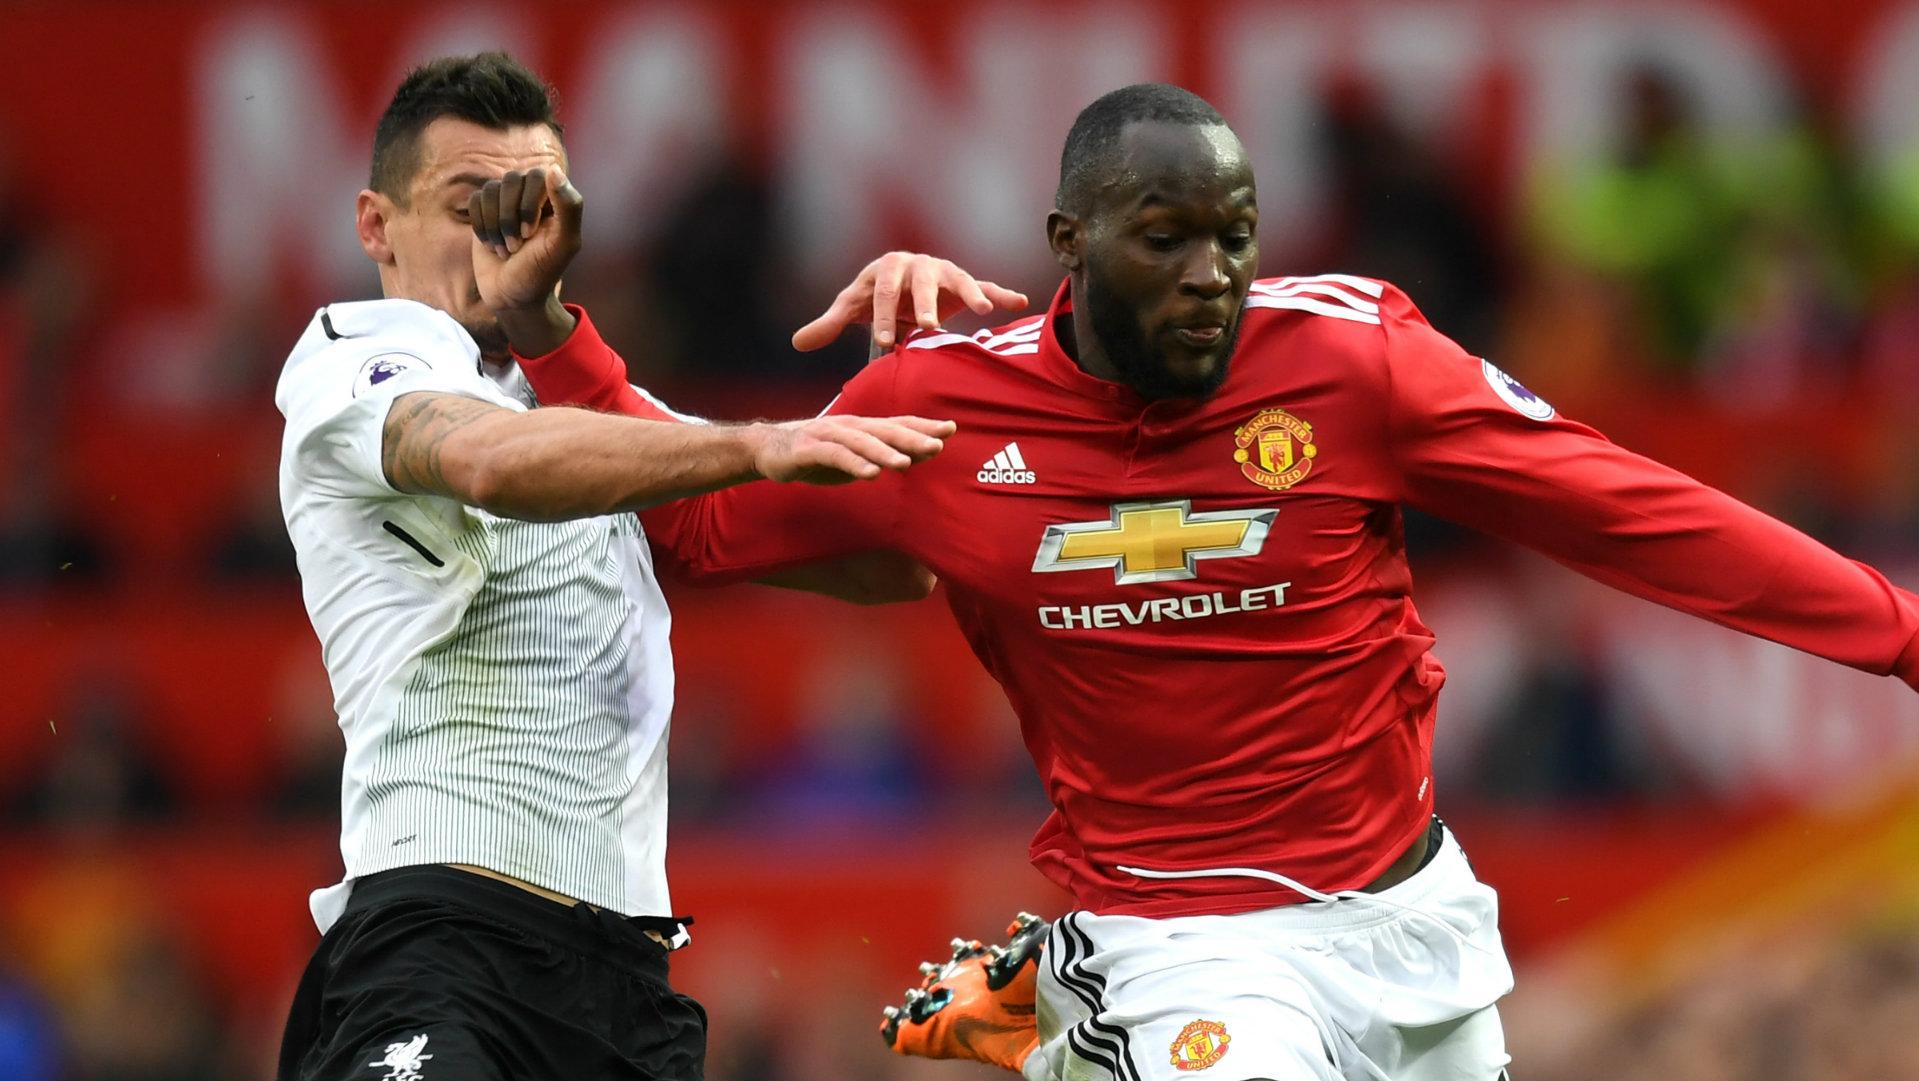 Romelu Lukaku, Dejan Lovren, Man Utd vs Liverpool, 17/18